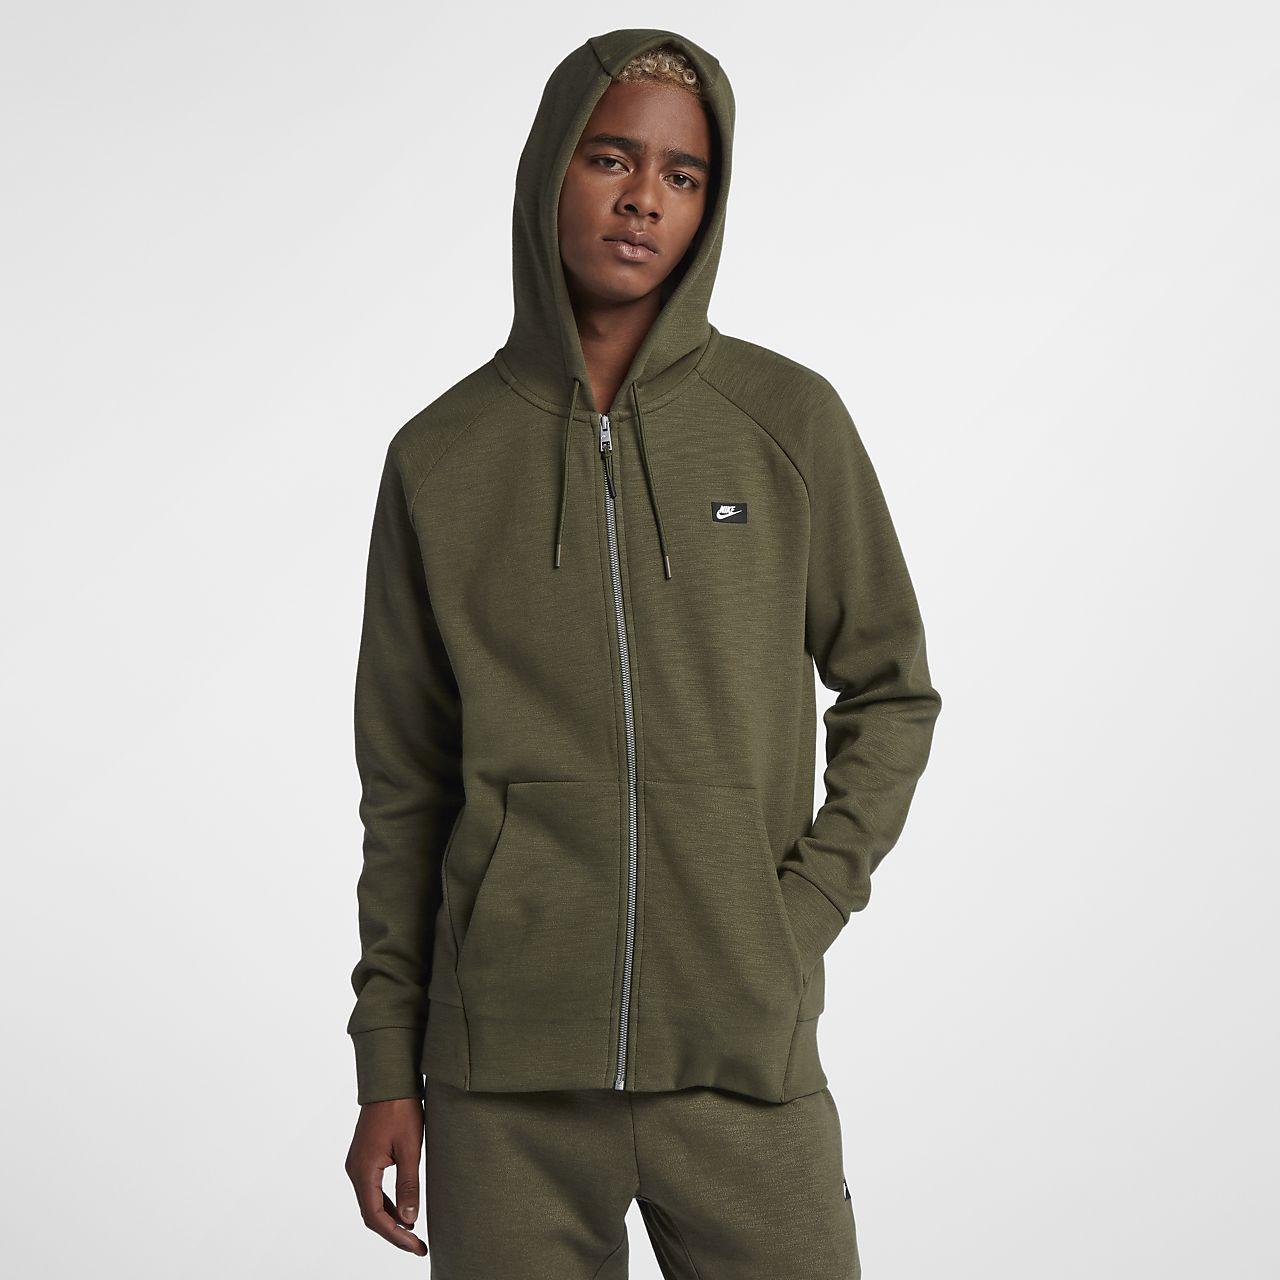 4758bd7a15f0 Ανδρική μπλούζα με κουκούλα και φερμουάρ Nike Sportswear Optic. Nike ...